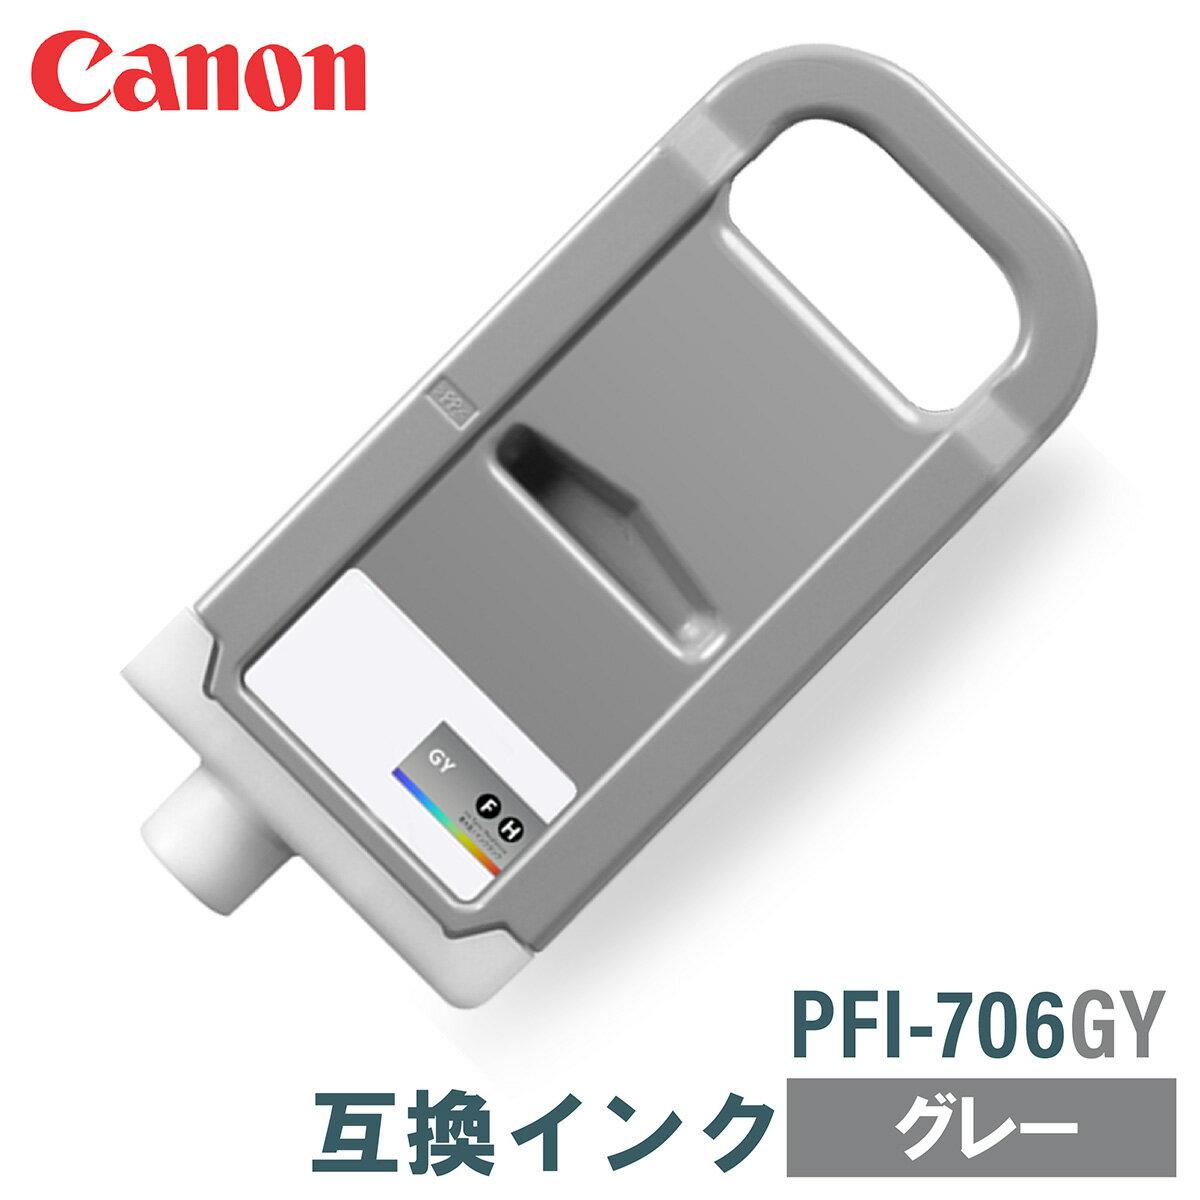 キャノン CANON PFI-706GY グレー 700ml 互換インク インクタンク インクカートリッジ 顔料 大判プリンター パソコン周辺機器 低価格 送料無料